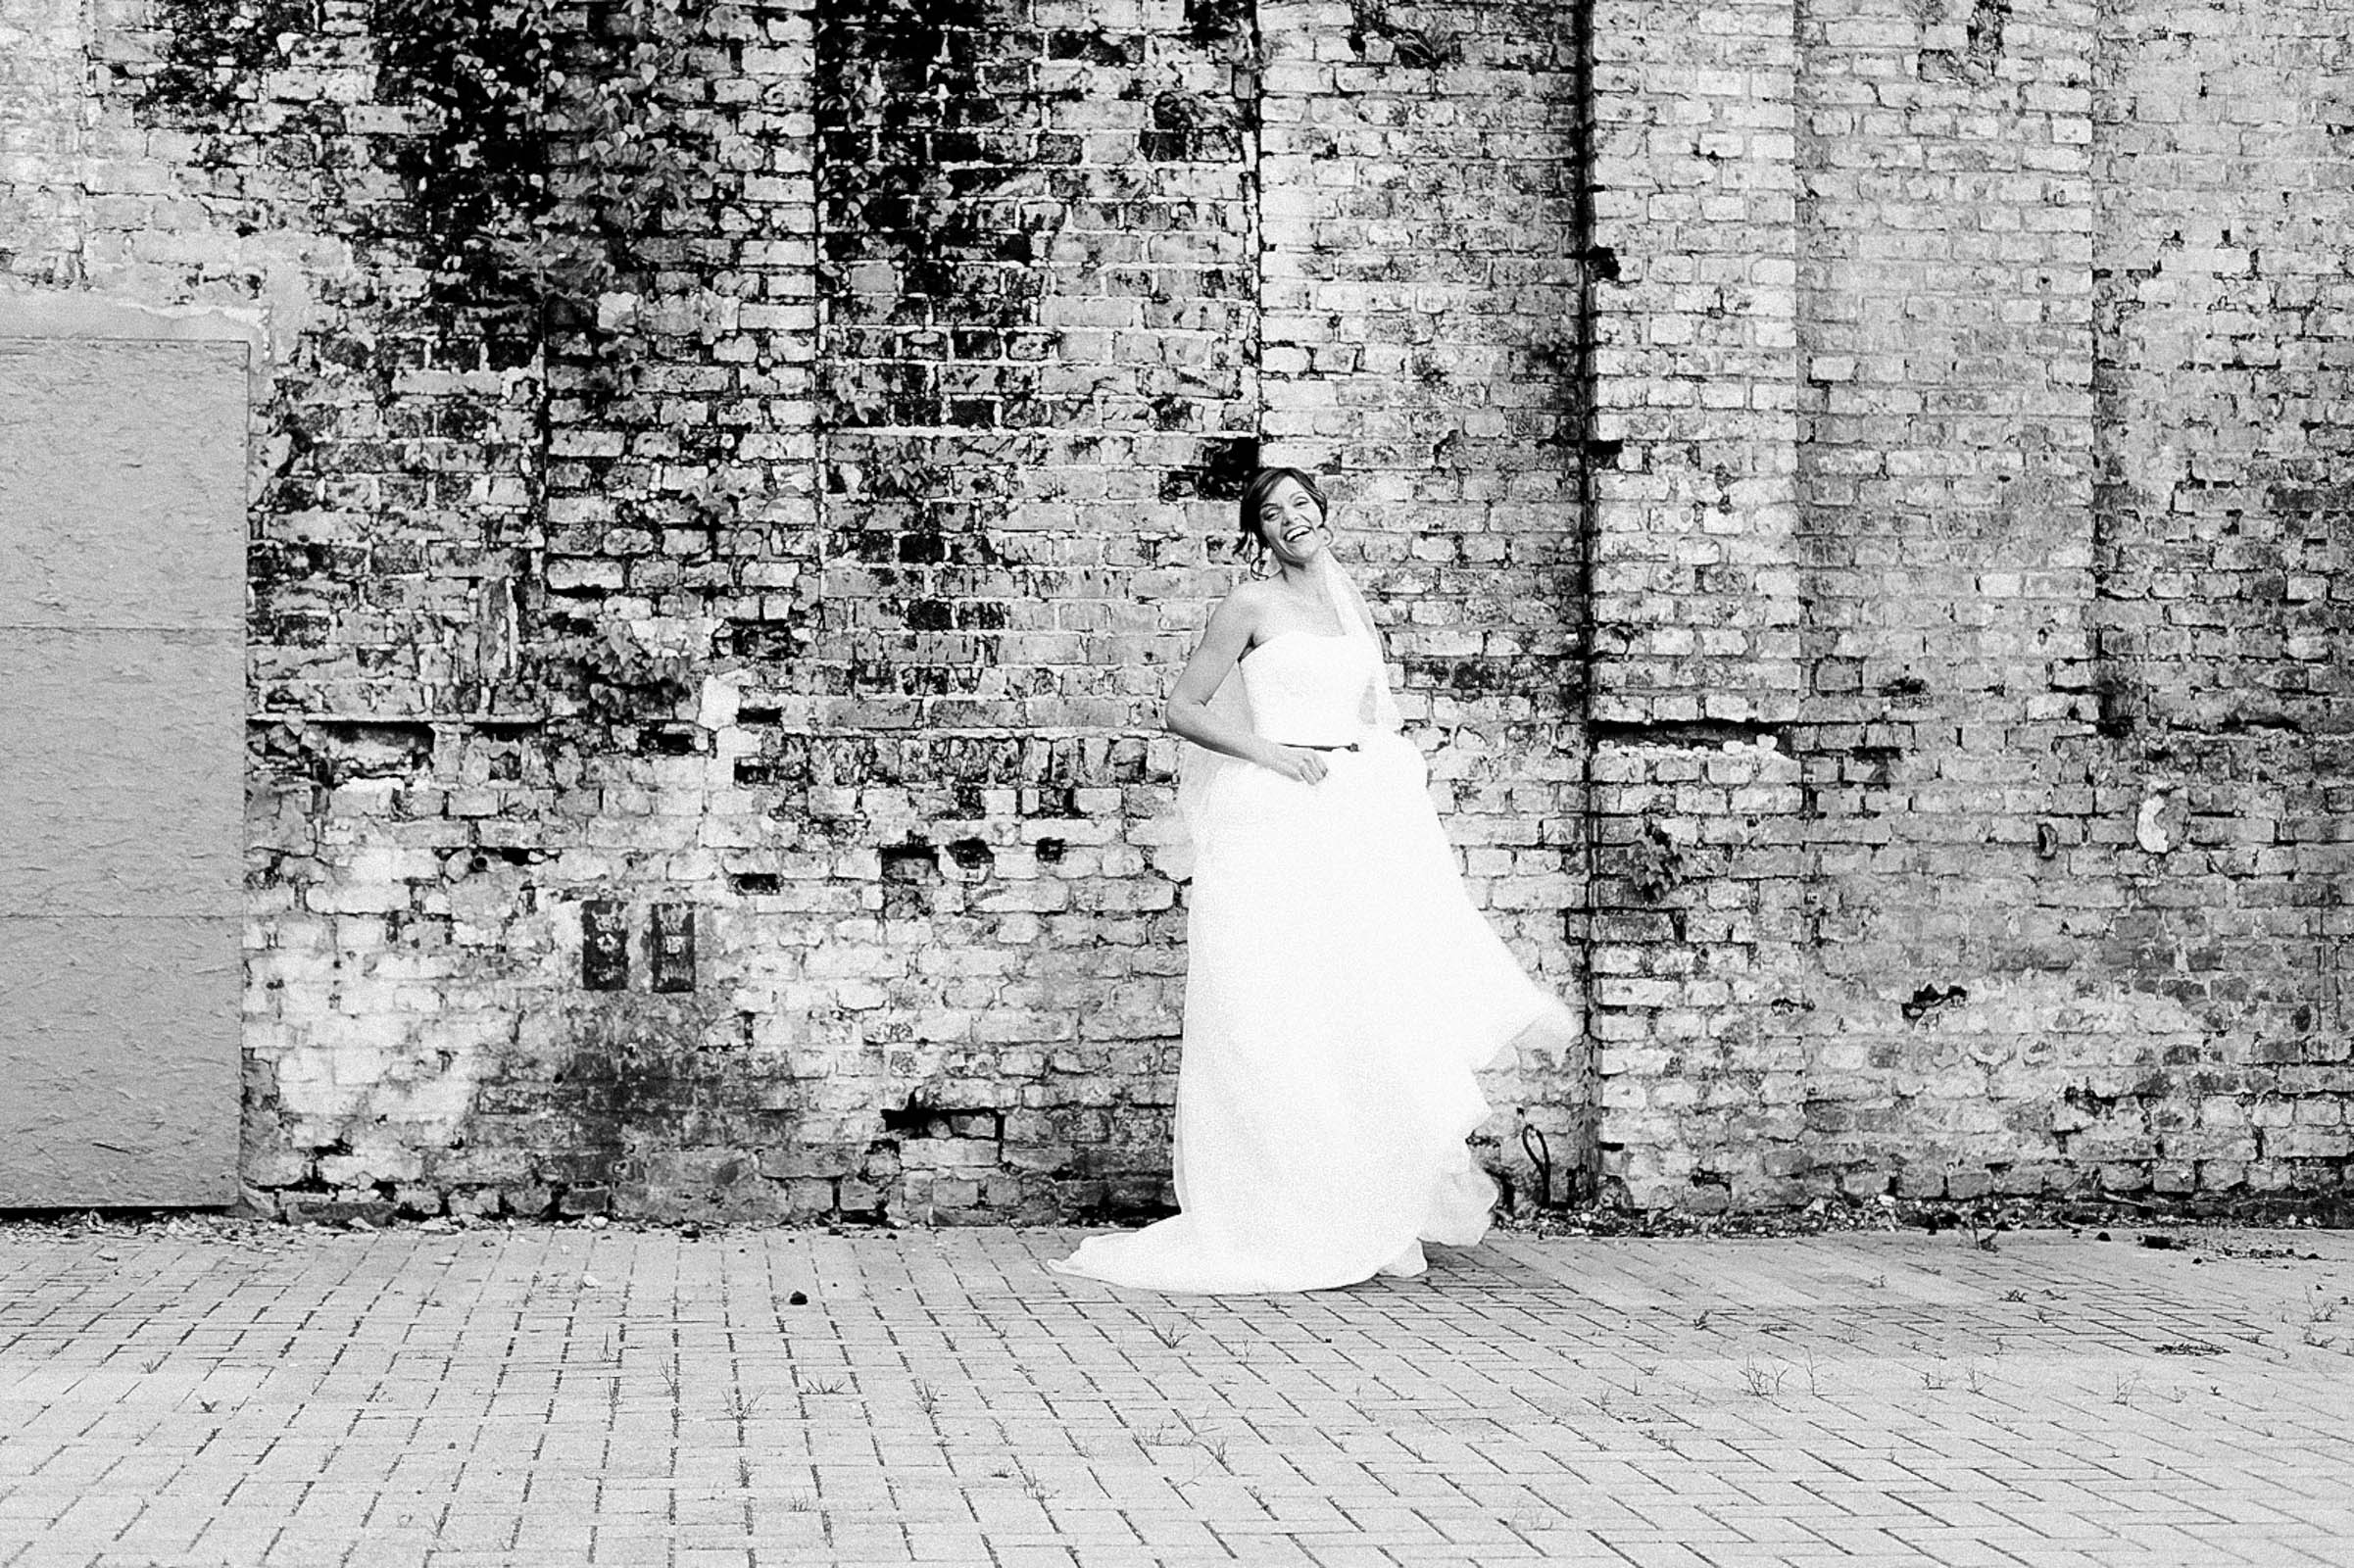 Monstergraphie_Hochzeitsreportage_Siegen-50.jpg?fit=2402%2C1600